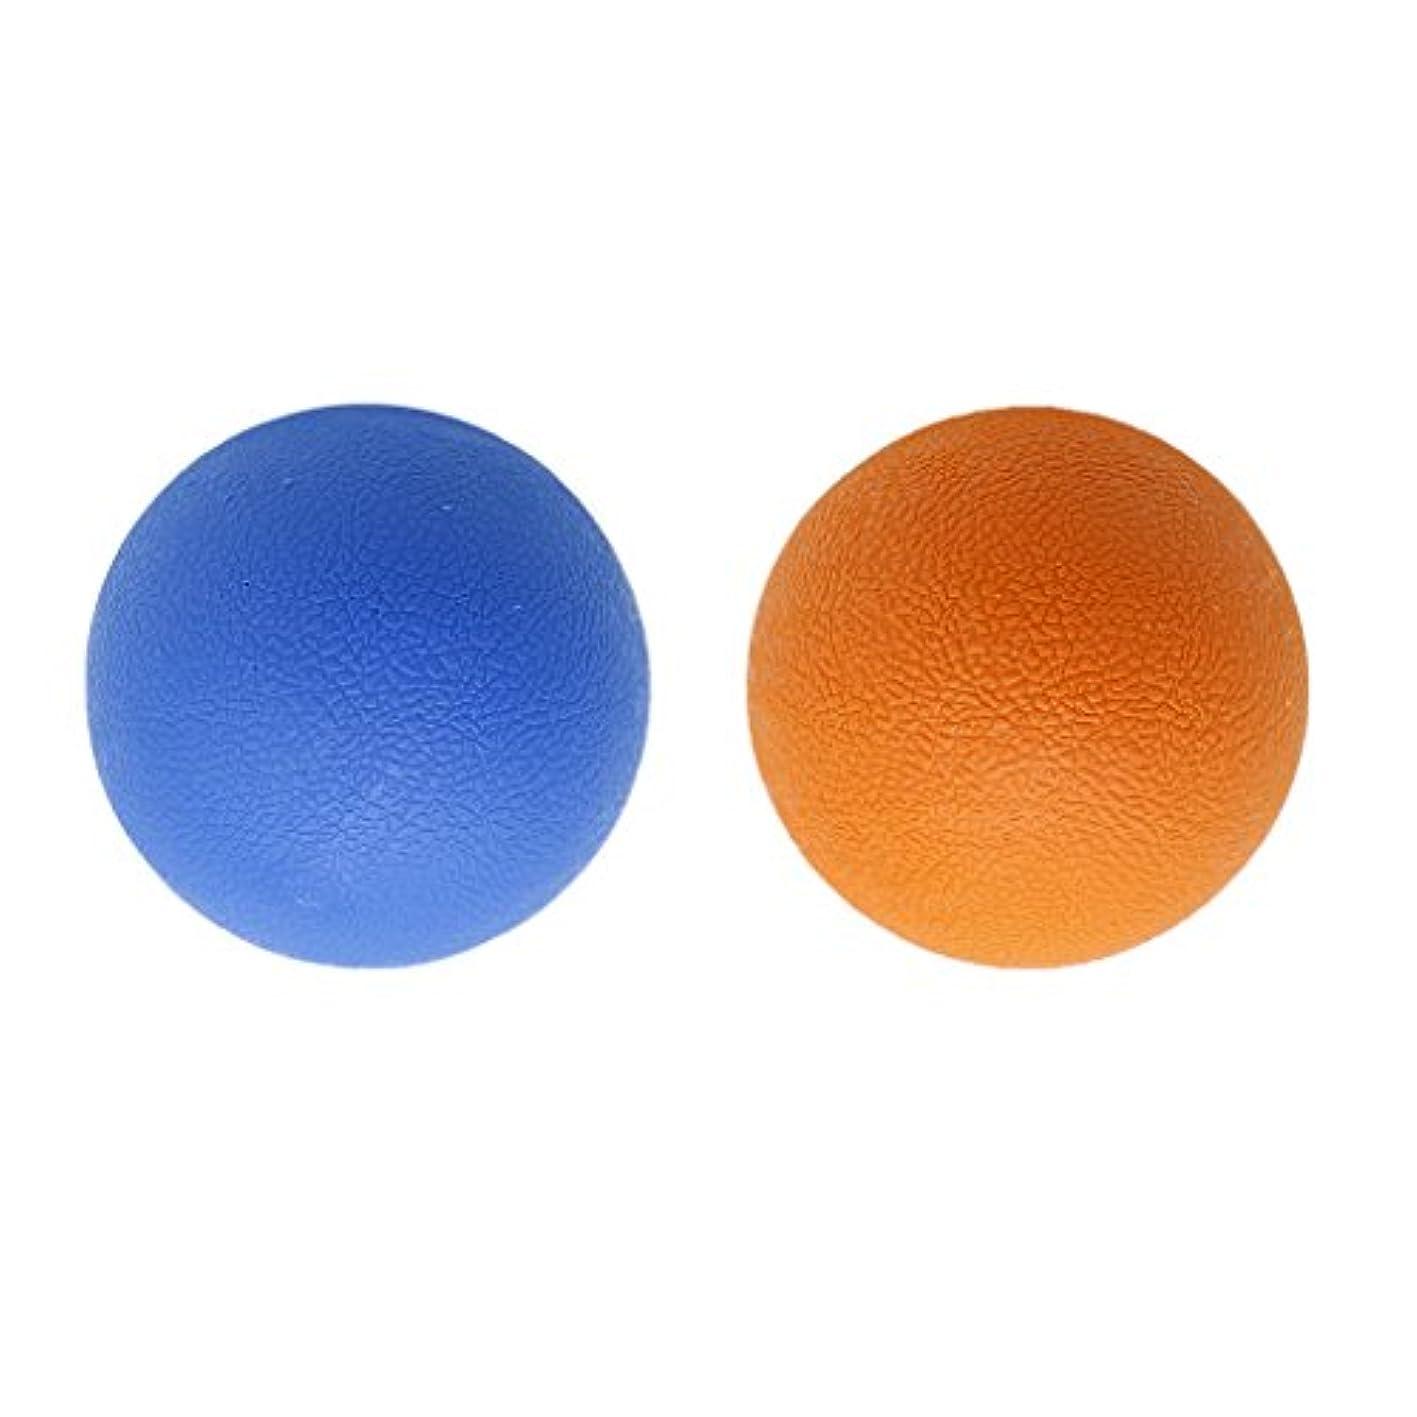 狐示す胚芽マッサージボール トリガーポイント ラクロスボール 弾性TPE ストレッチボール 多色選べる - オレンジブルー